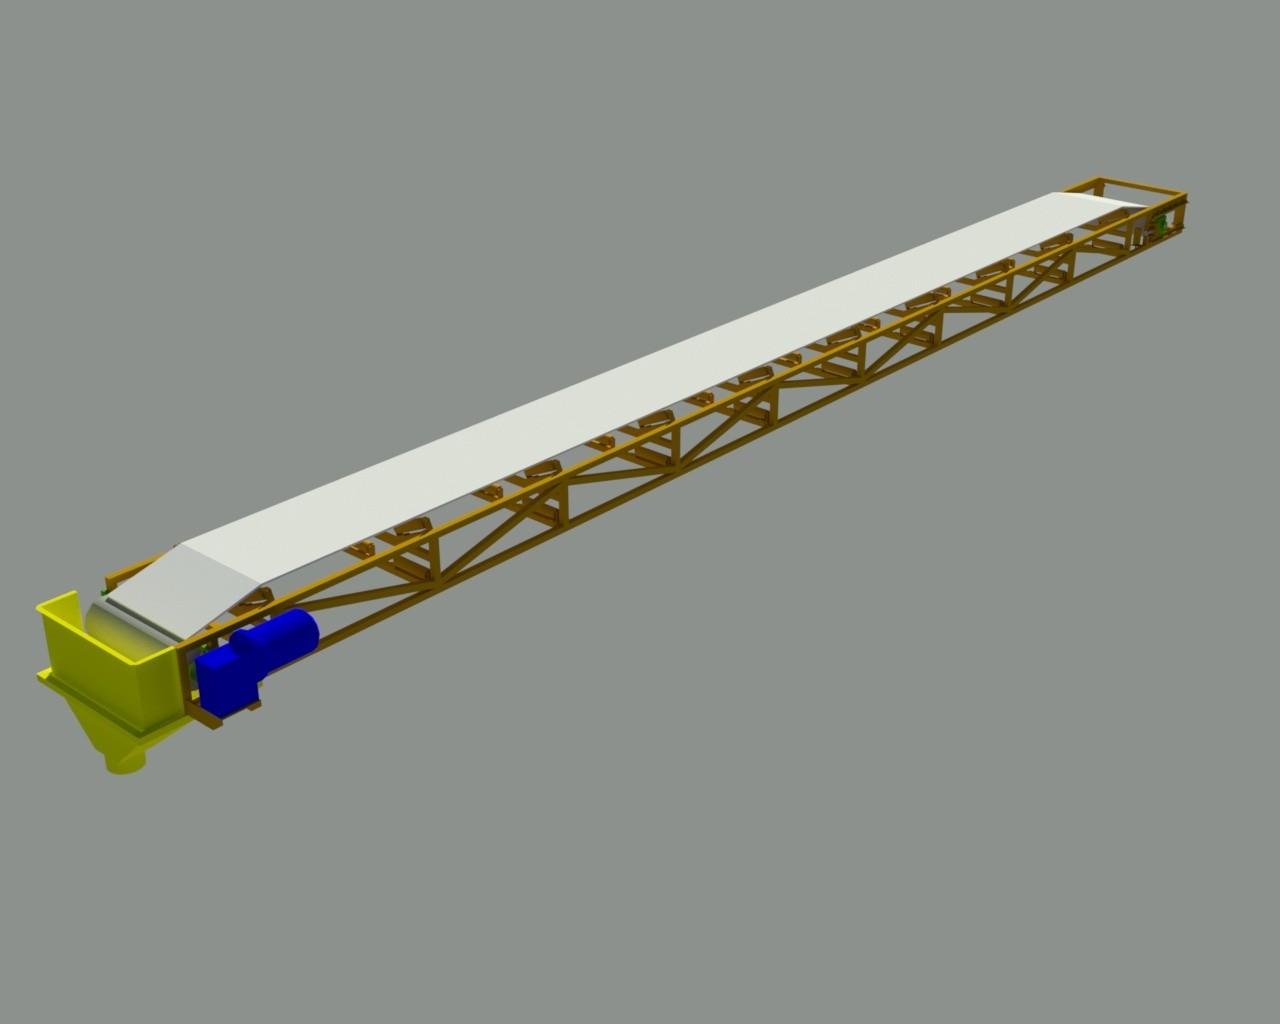 Мотор редуктор для ленточного транспортеров замки дверные фольксваген транспортер